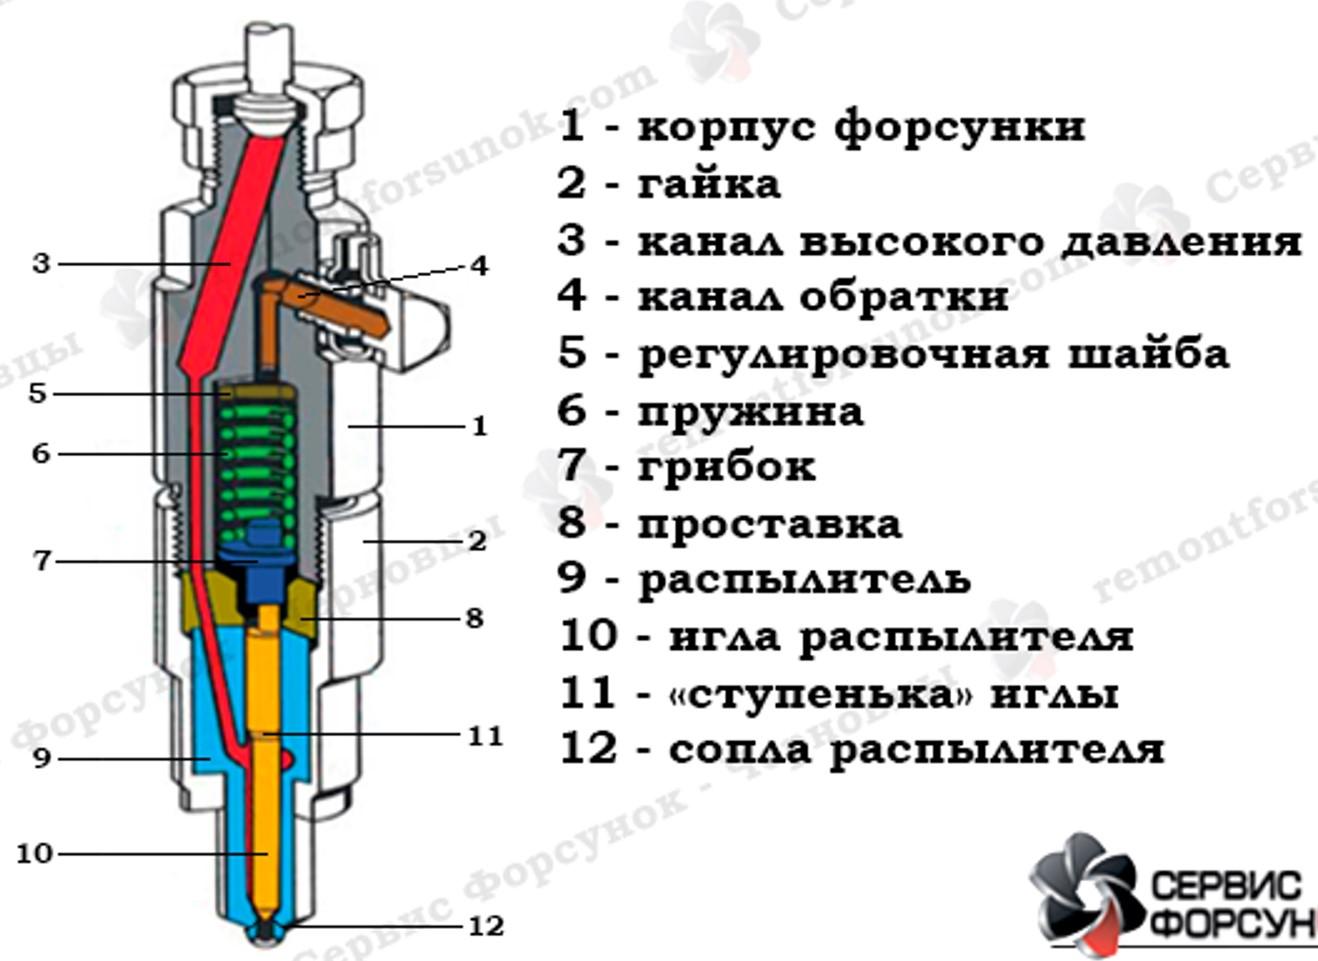 Ремонт топливных форсунок дизельного двигателя своими руками